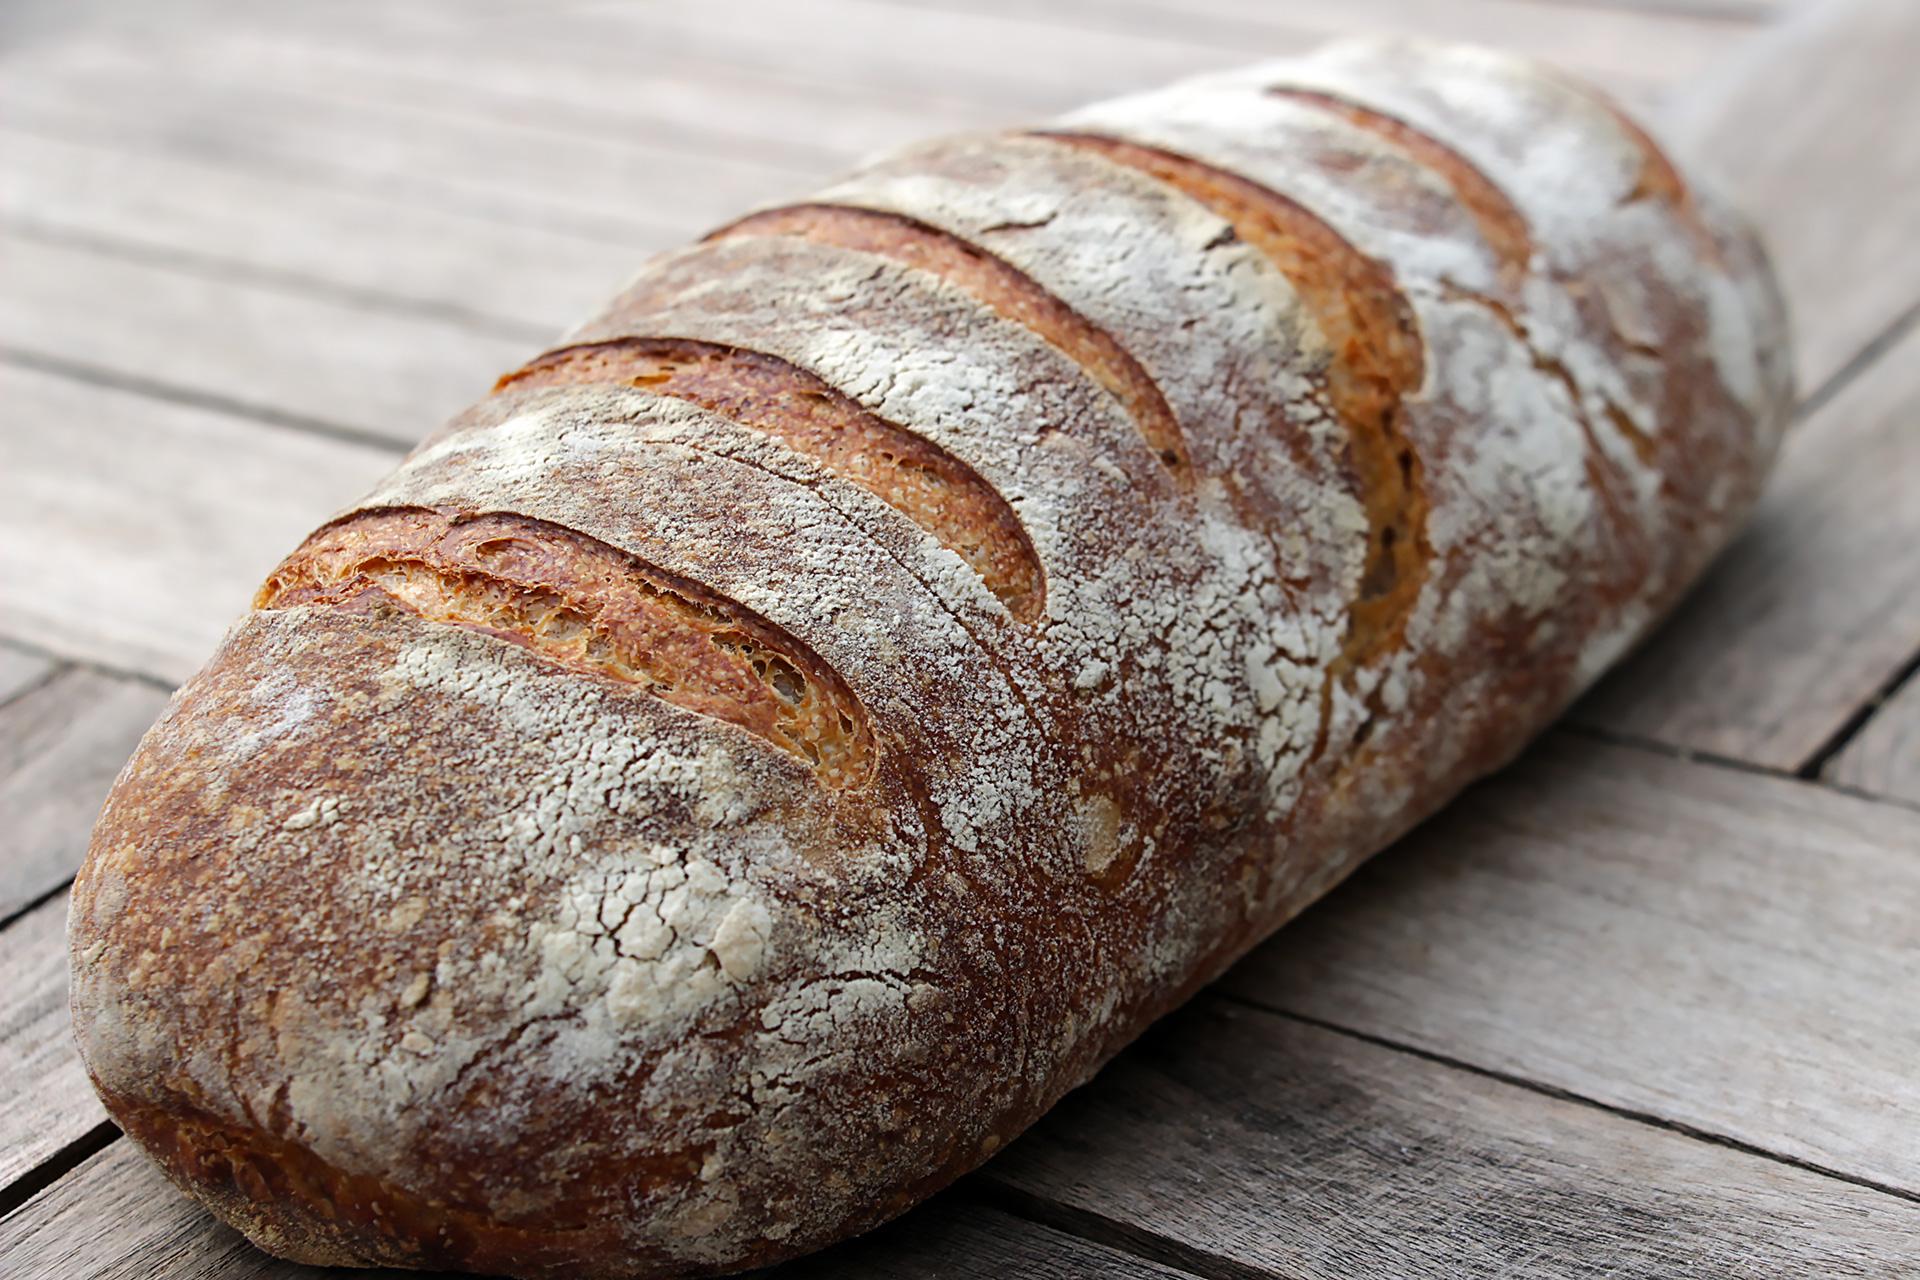 Noe Valley Bakery rye bread.